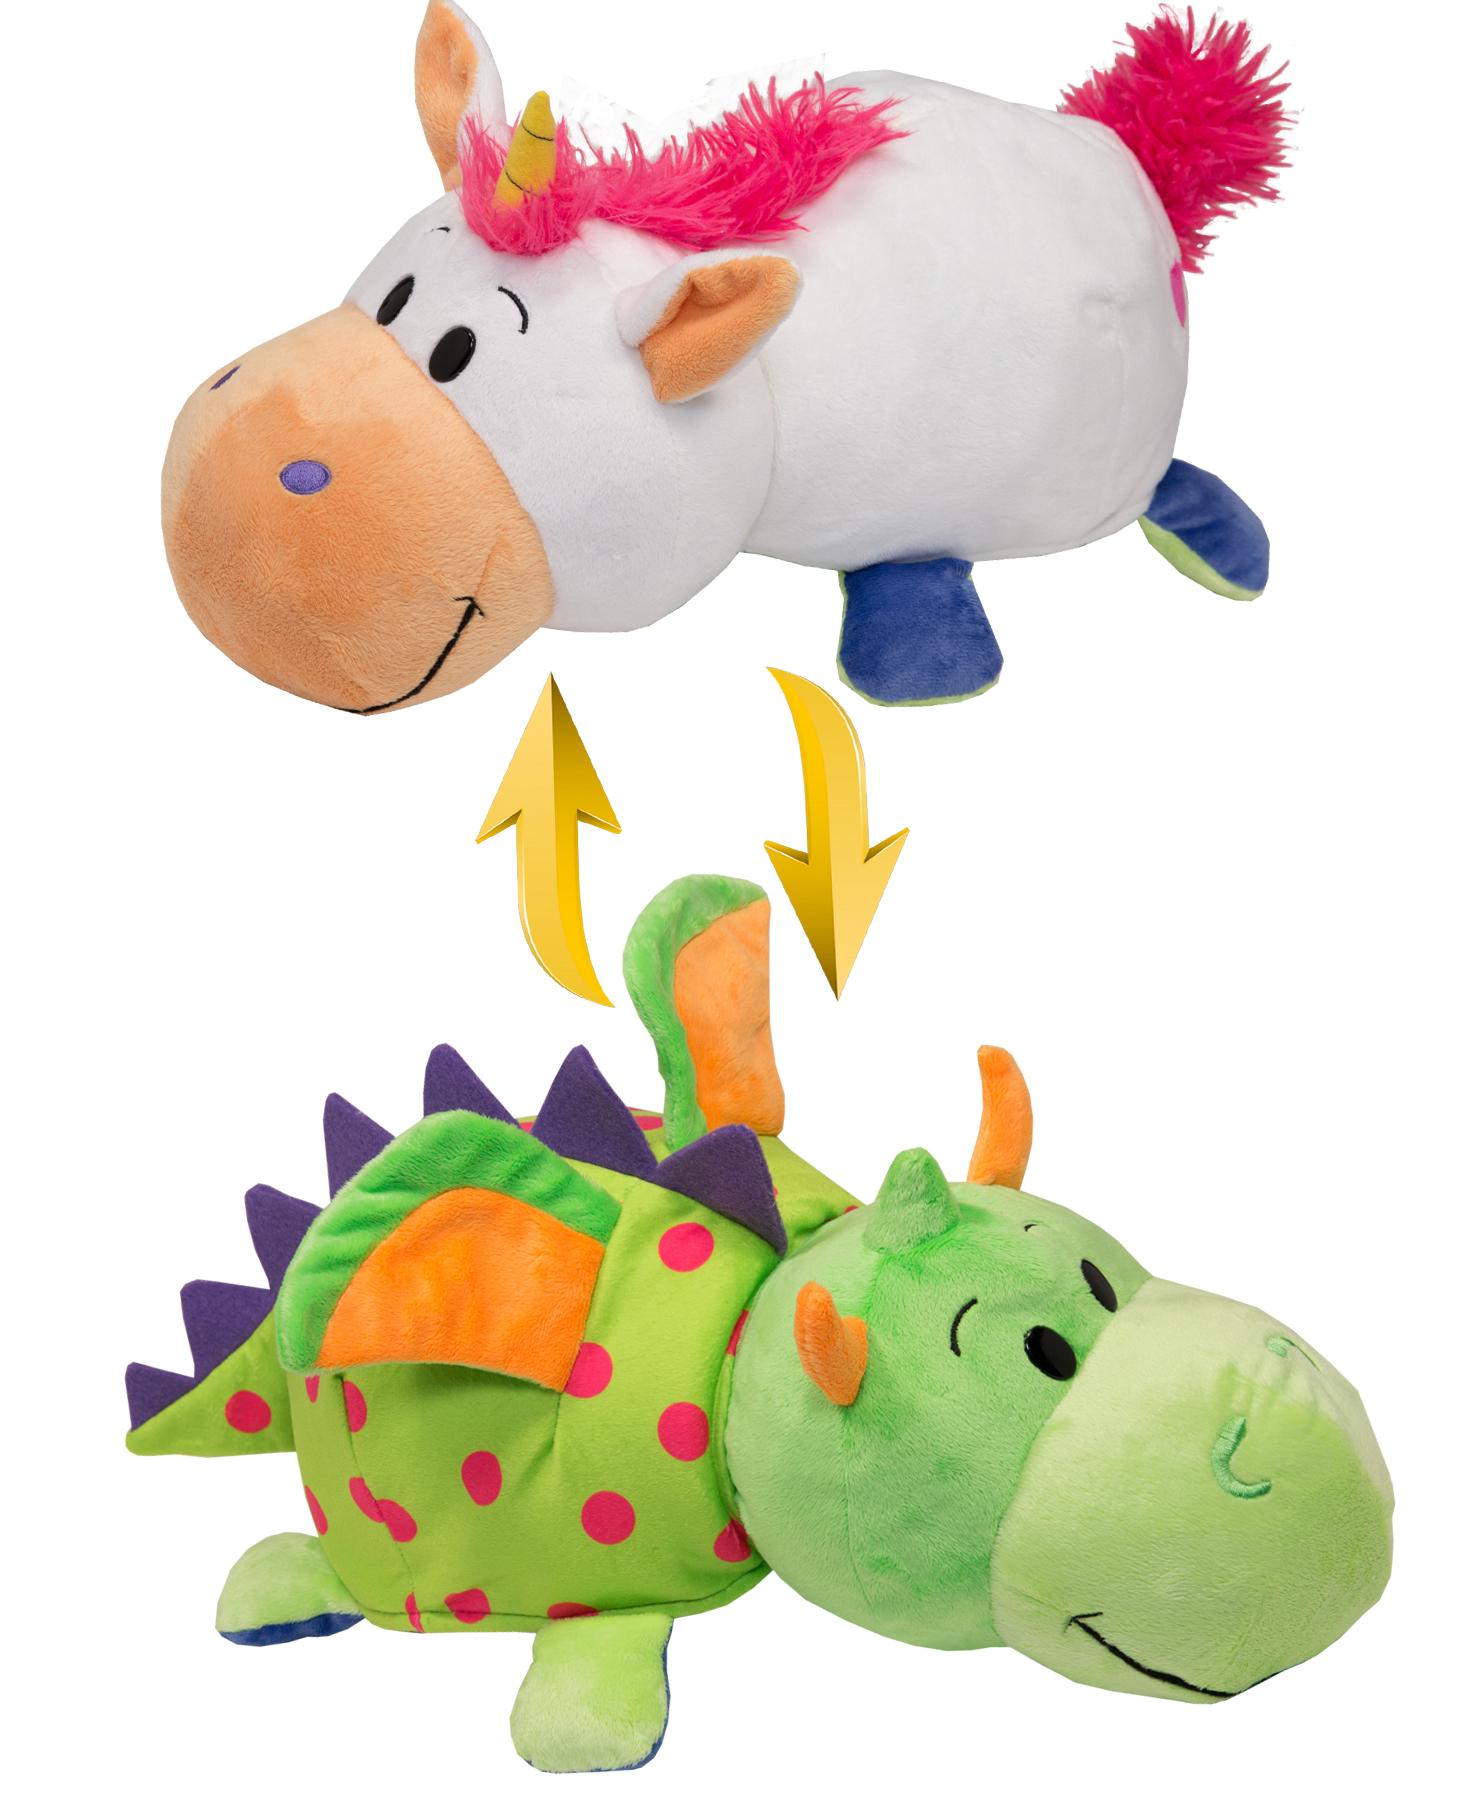 Мягкие игрушки 1toy Вывернушка. Единорог-Дракон мягкие игрушки trudi лайка маркус 34 см